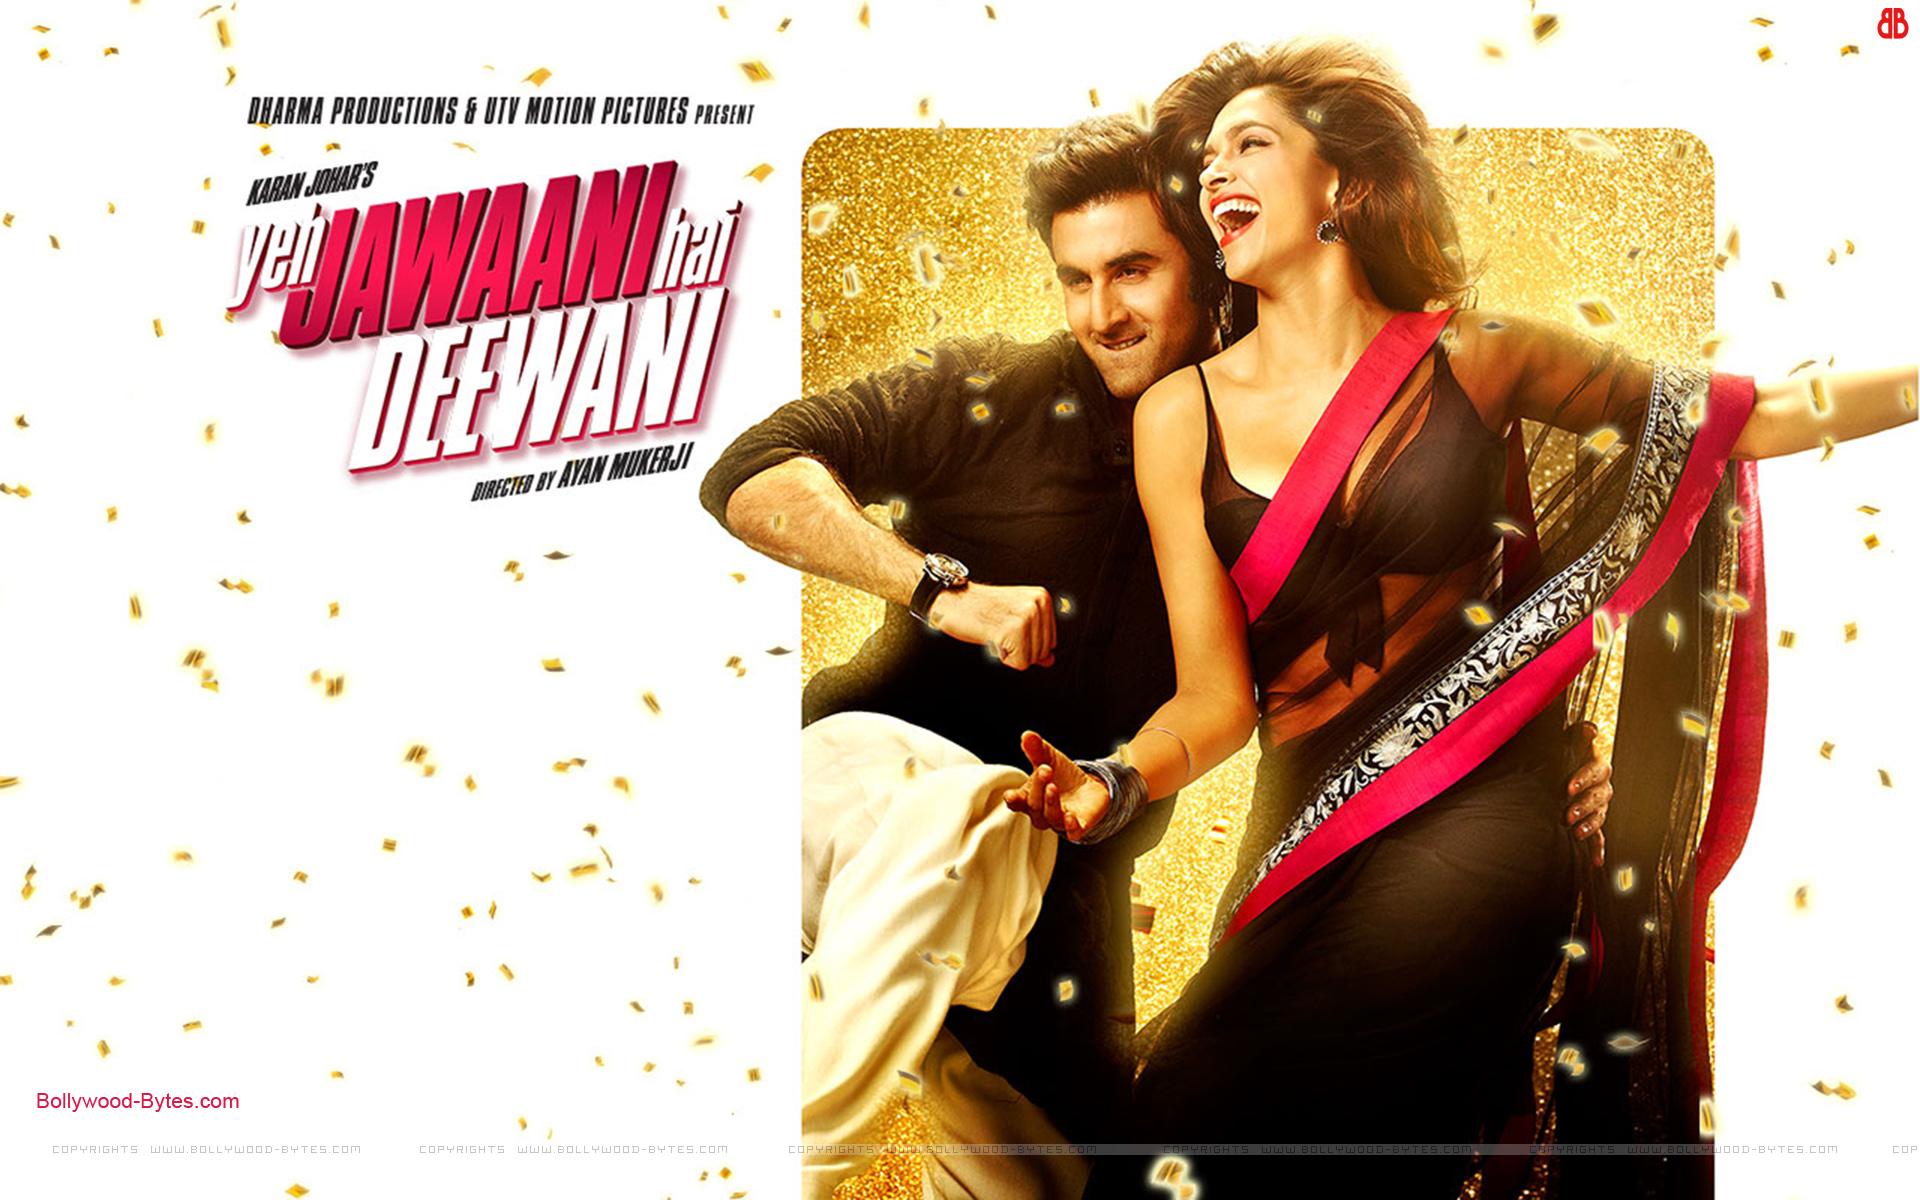 Yeh Jawaani Hai Deewani wallpapers GlamSham - yeh jawaani hai deewani wallpapers